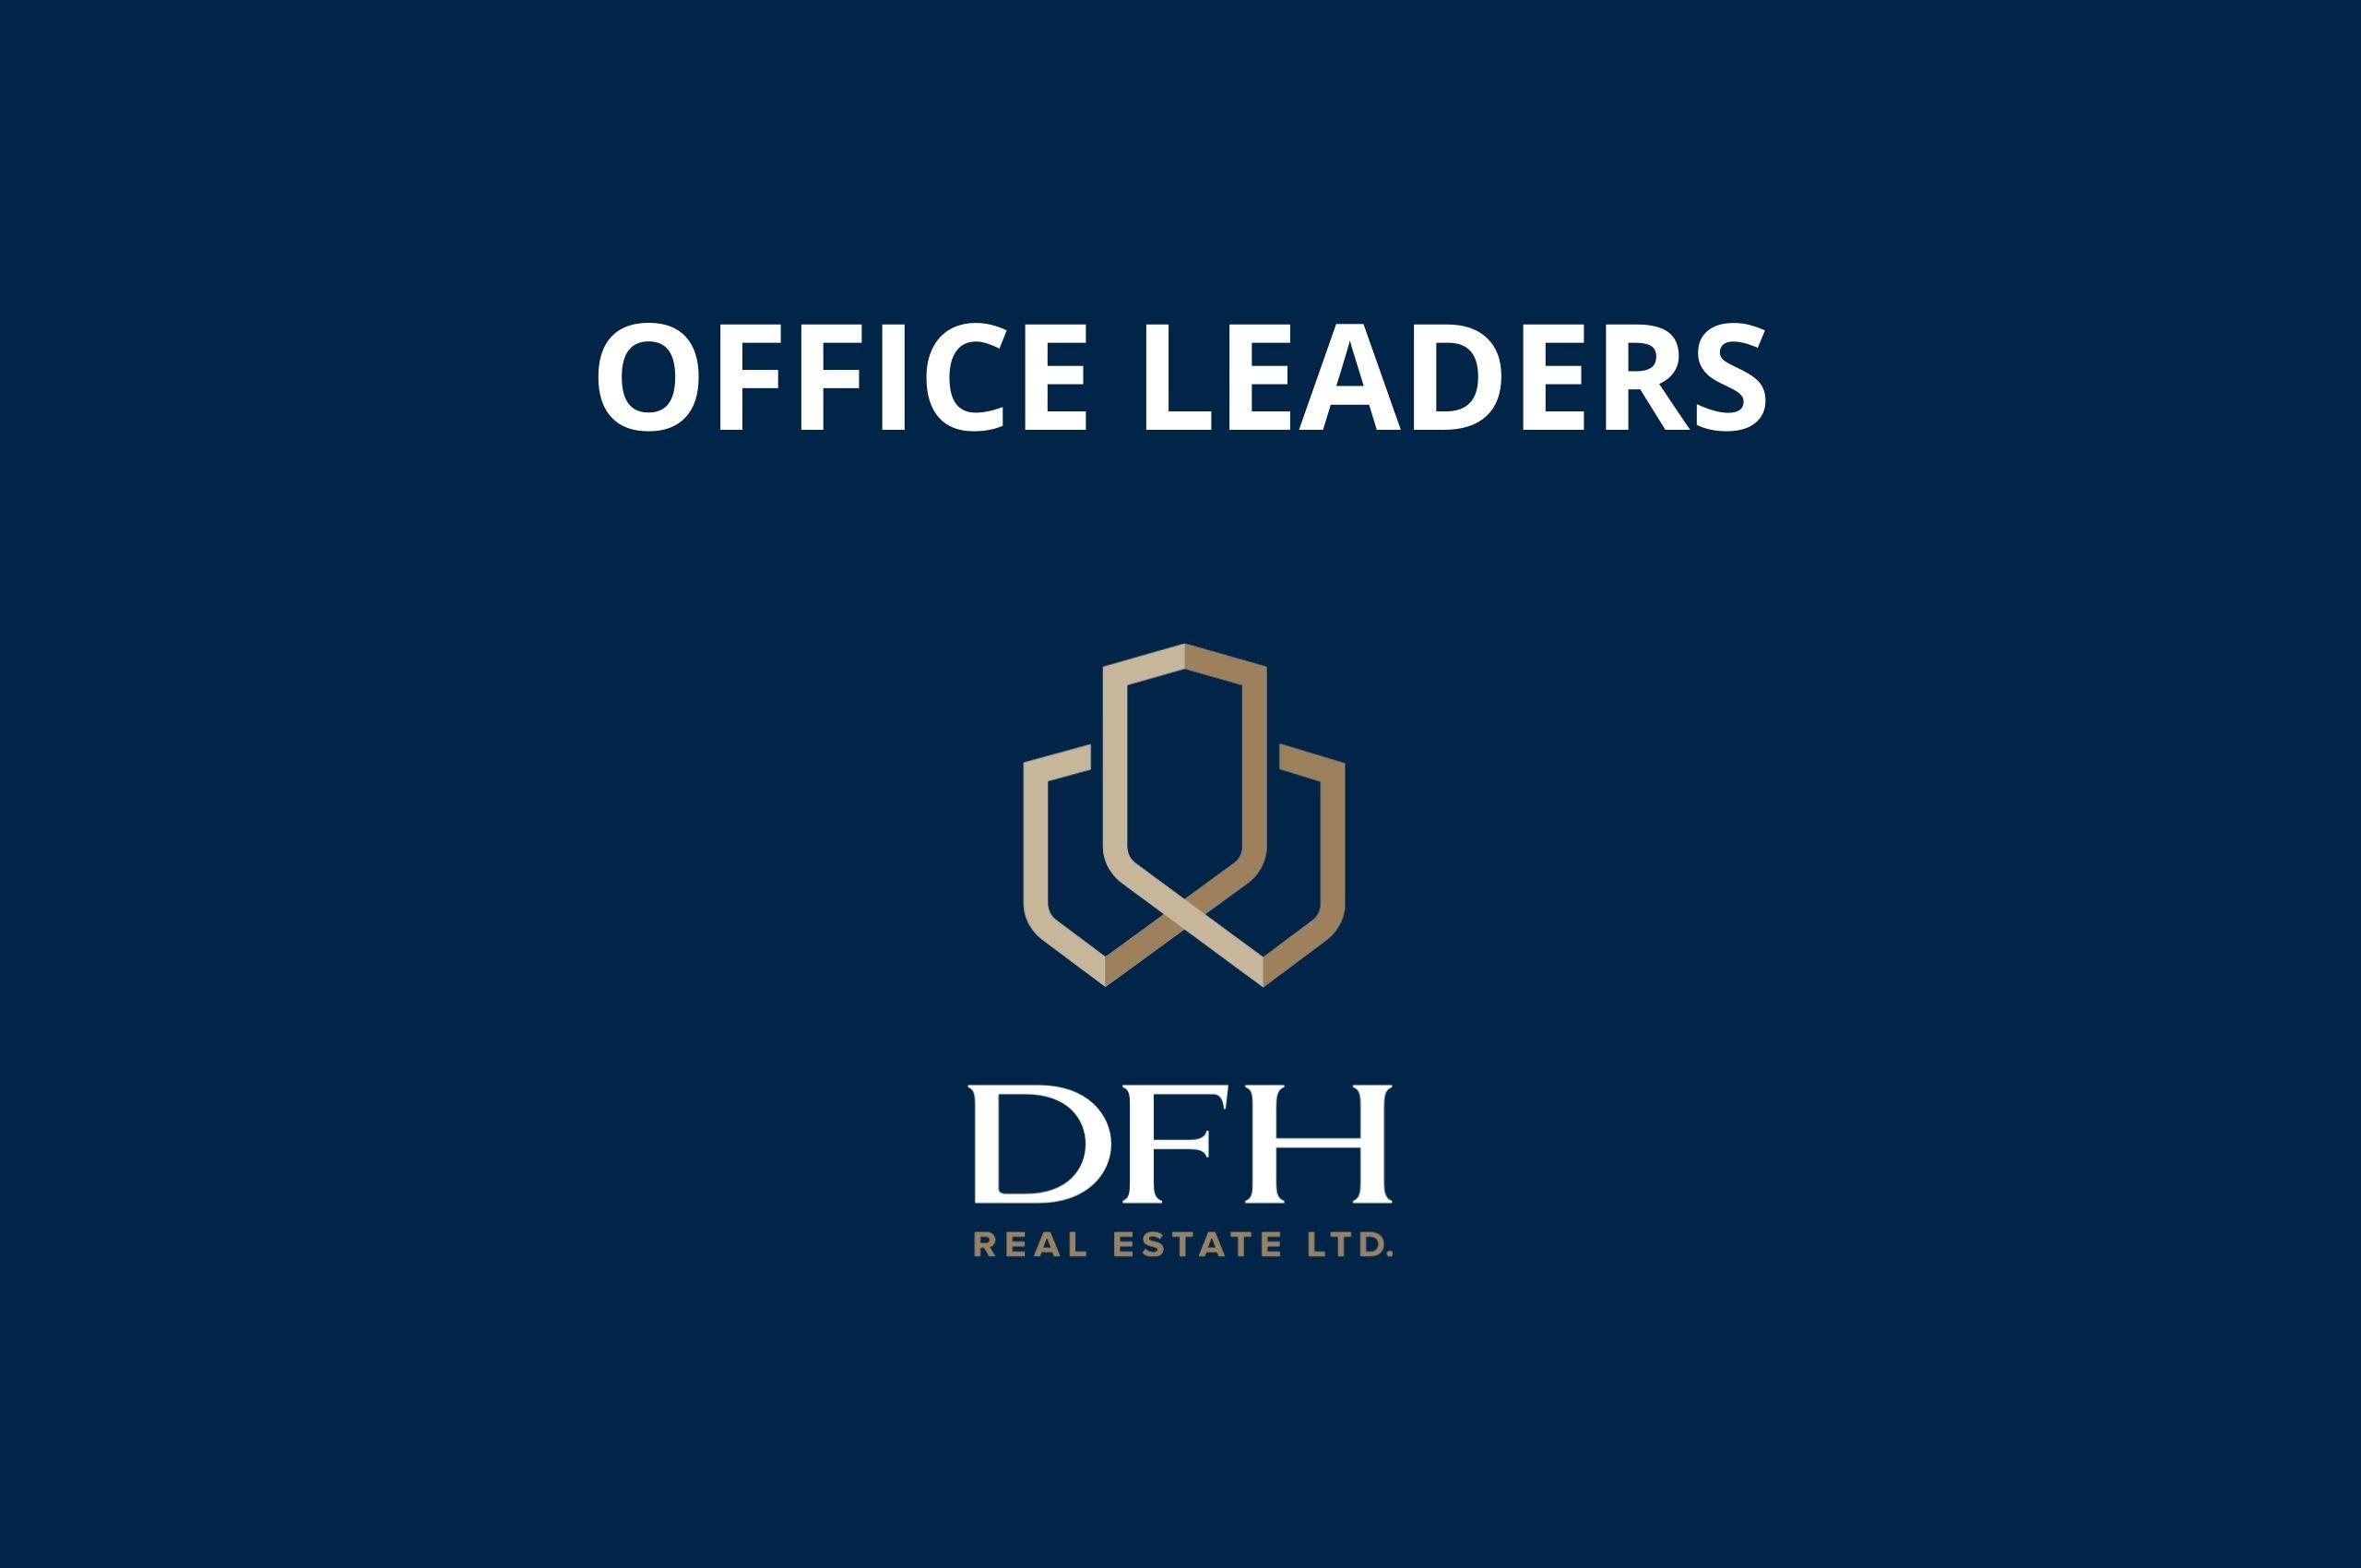 DFH Office Leaders | September 2020